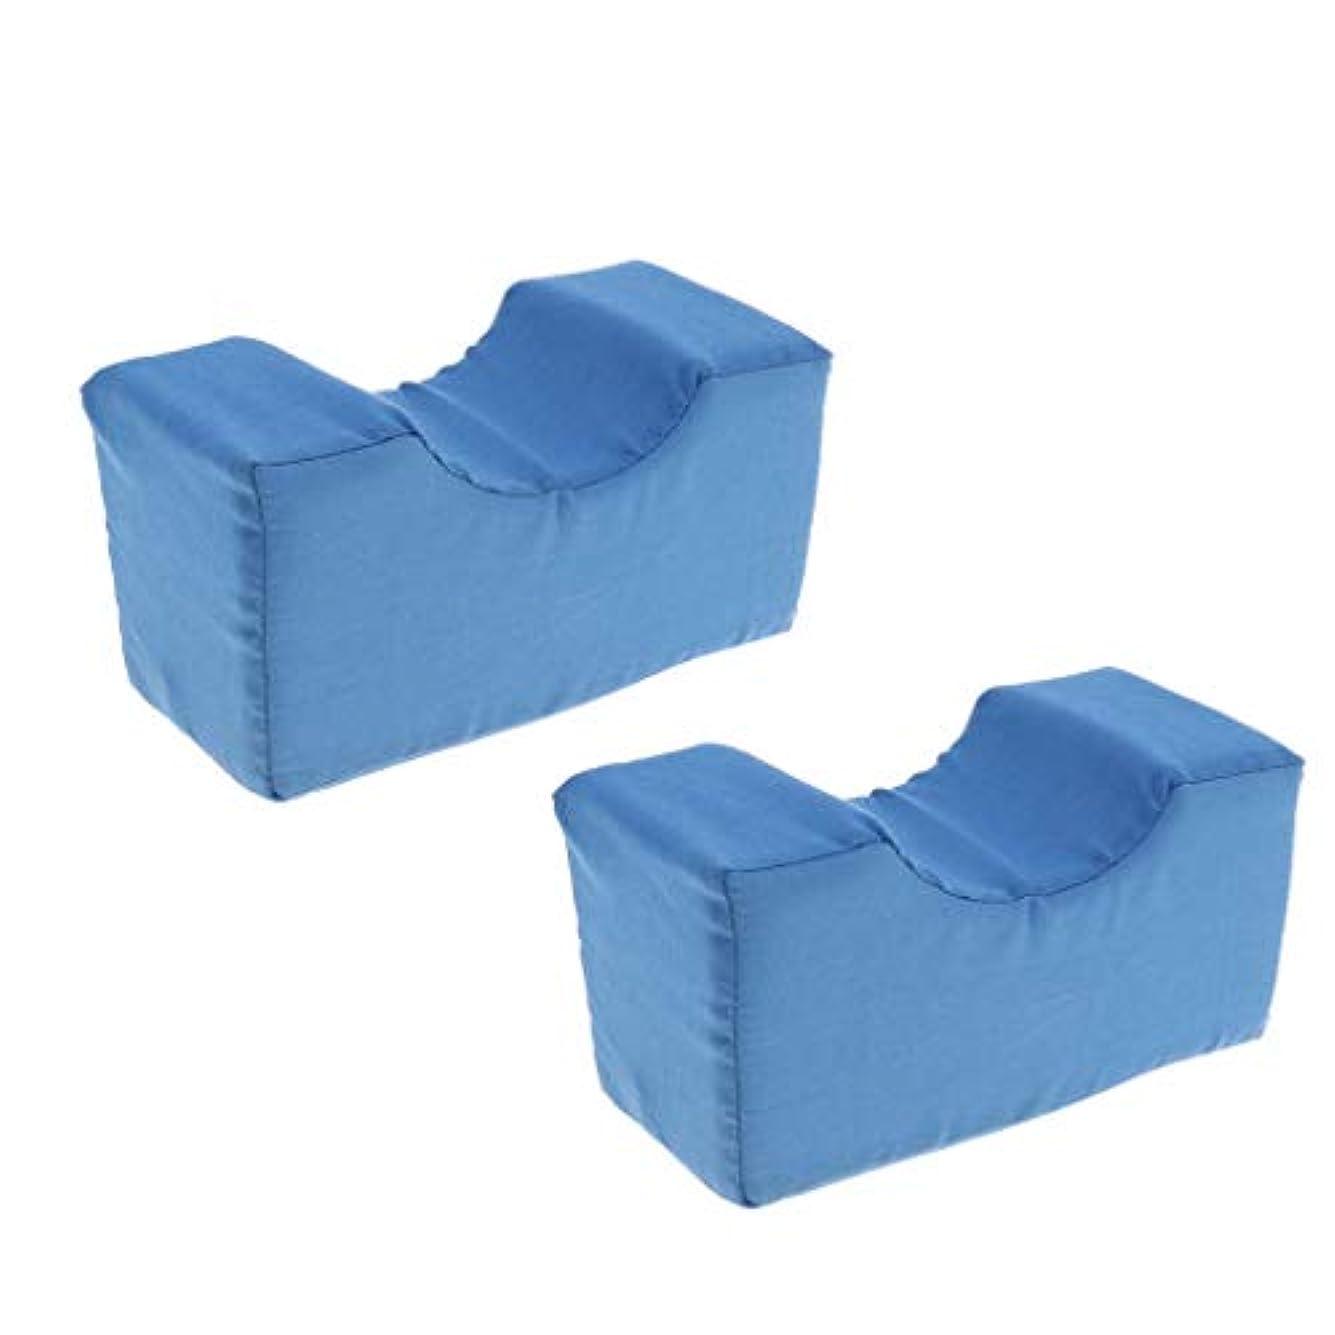 プリーツ等しい時系列サイドスリーパー用2個の高密度フォームニーエレベーター枕-床ずれ防止、妊娠、ヒップ&坐骨神経痛用の整形膝枕